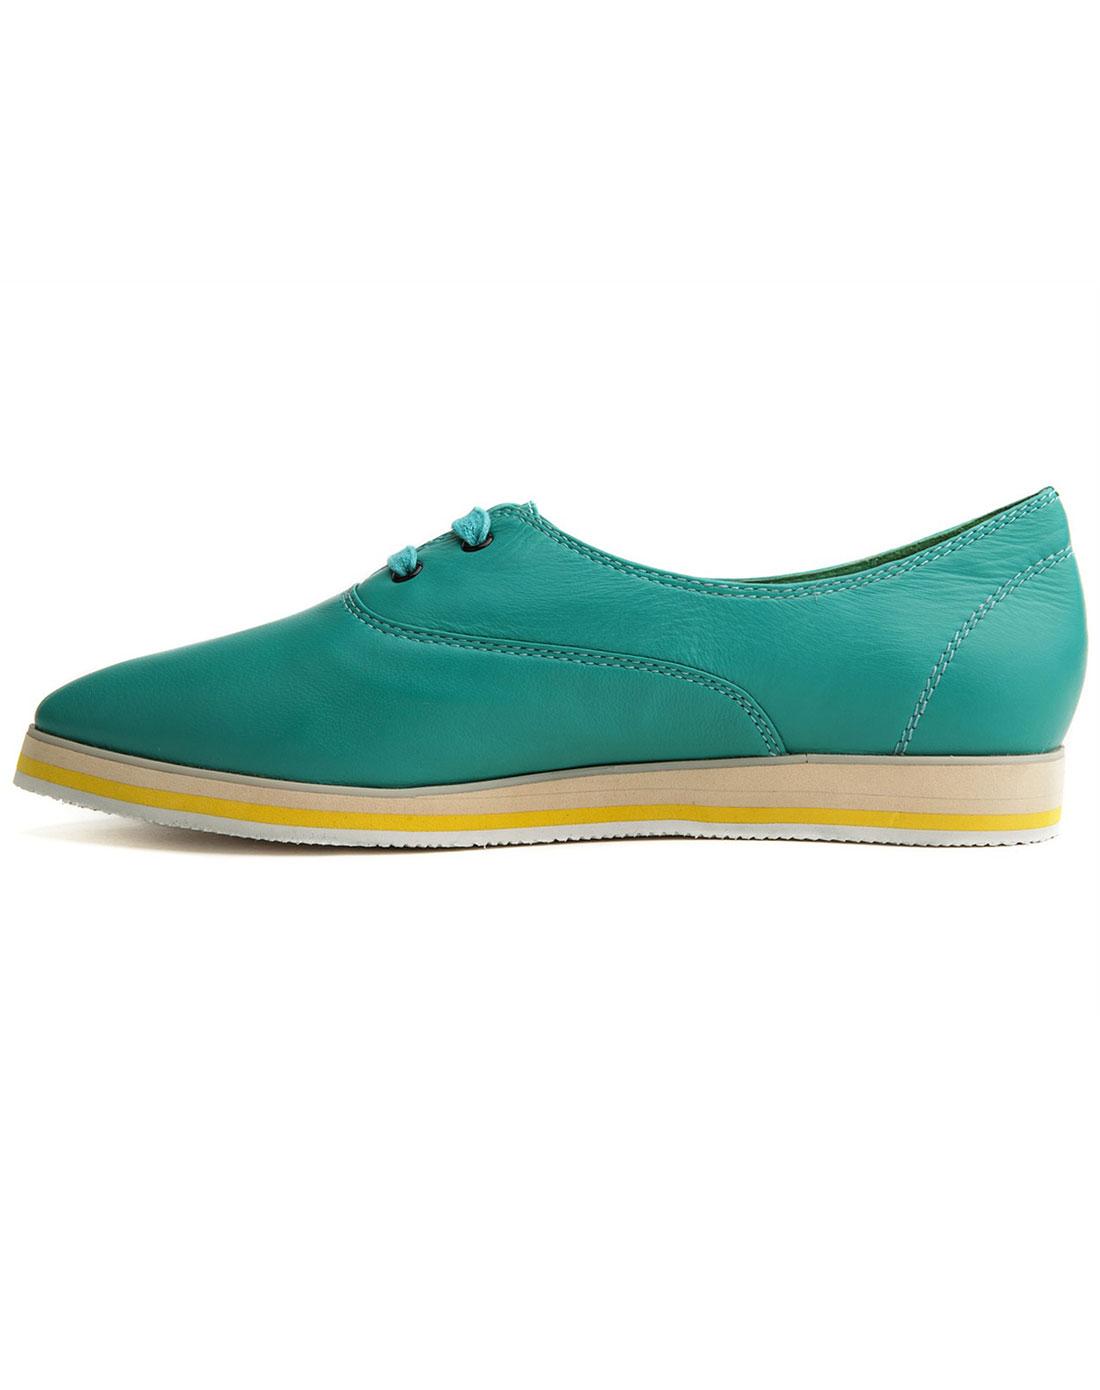 糕厚底系带女单鞋